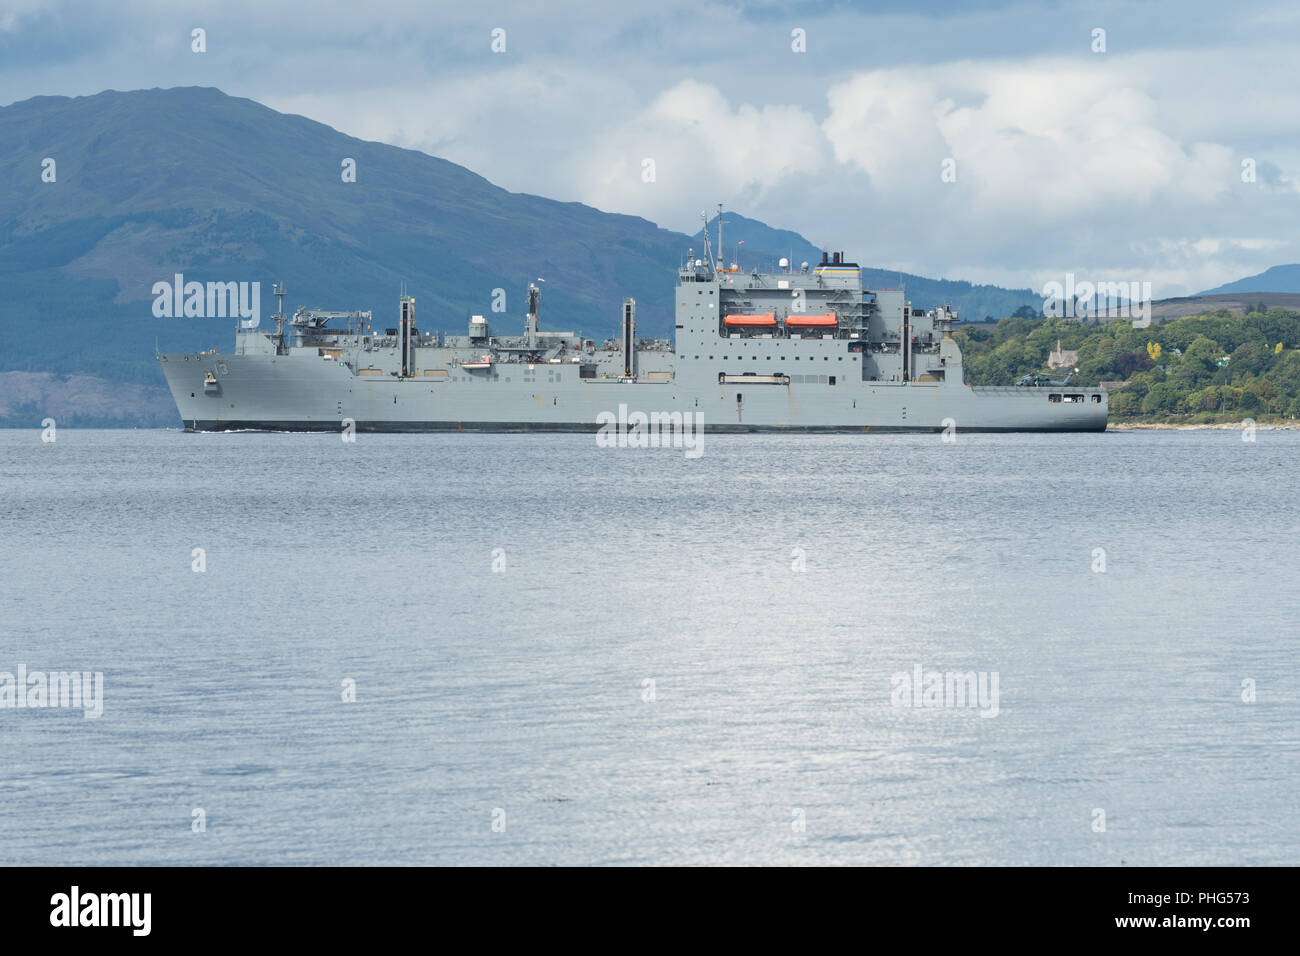 USNS Medgar Evers (T-AKE-13) United States Navy Lewis und Clark Klasse trockene Frachtschiff der Firth of Clyde, Schottland, Großbritannien Stockbild